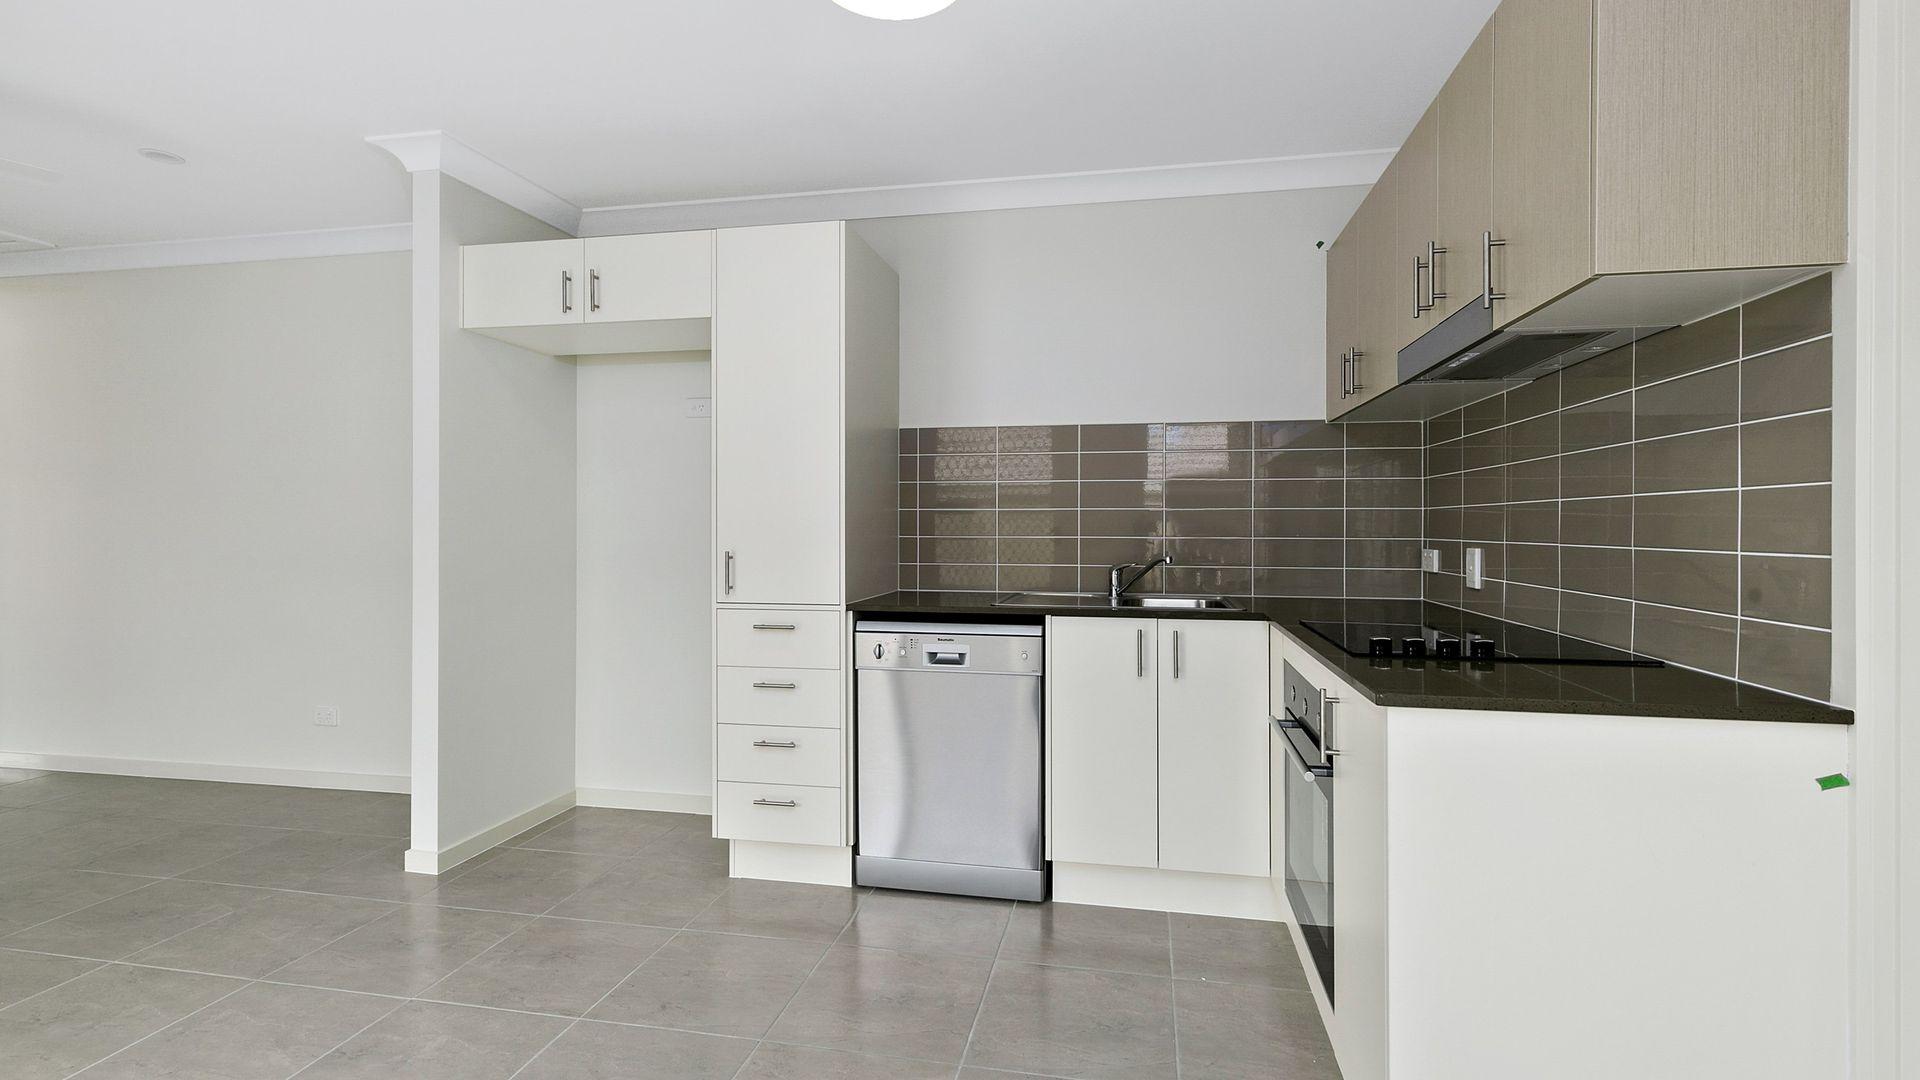 2/21 Juxgold Avenue, Collingwood Park QLD 4301, Image 1